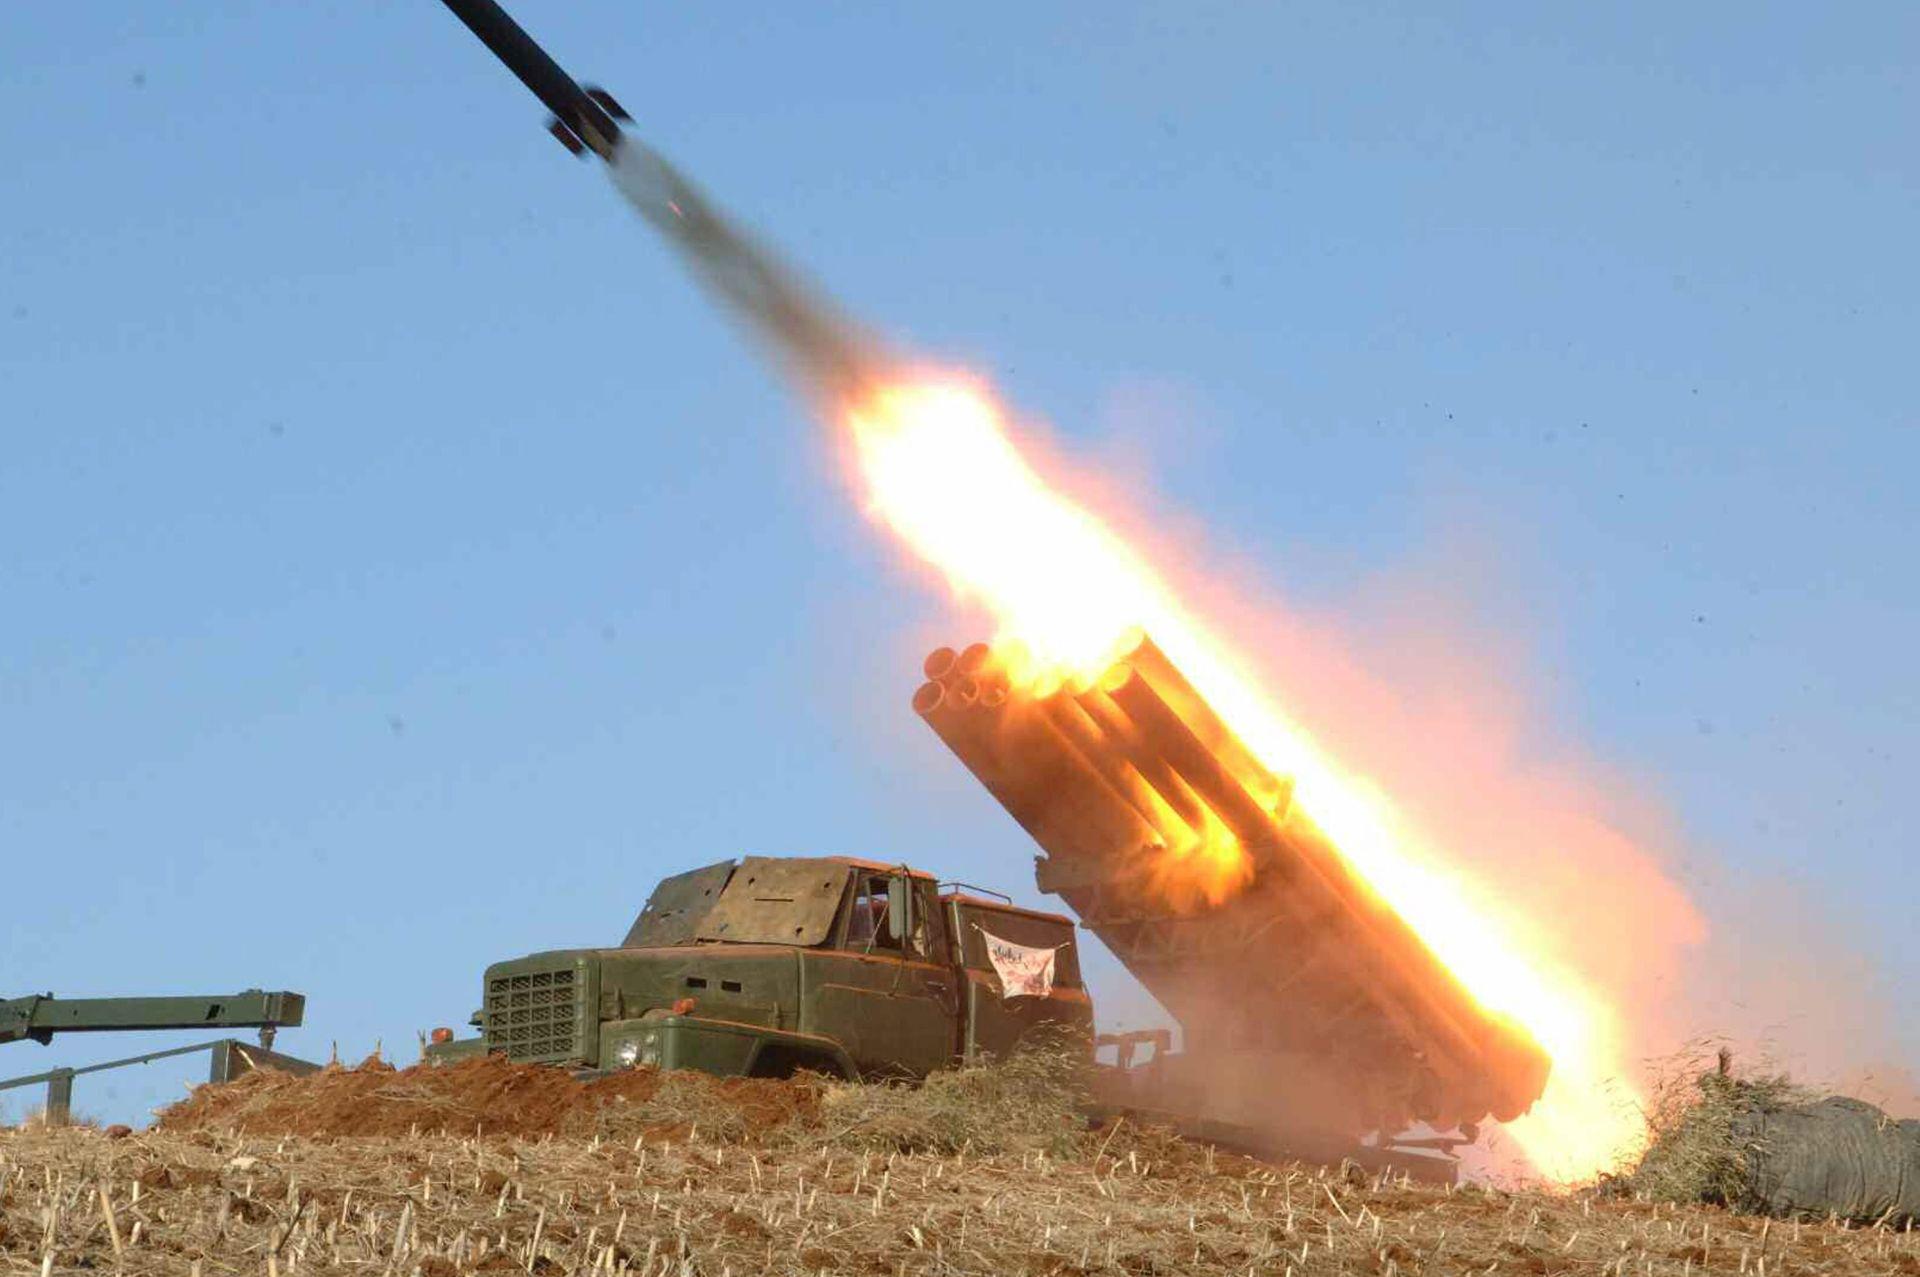 NAKON NIZA NEUSPJEHA: Pjongjang možda priprema novo ispaljivanje rakete